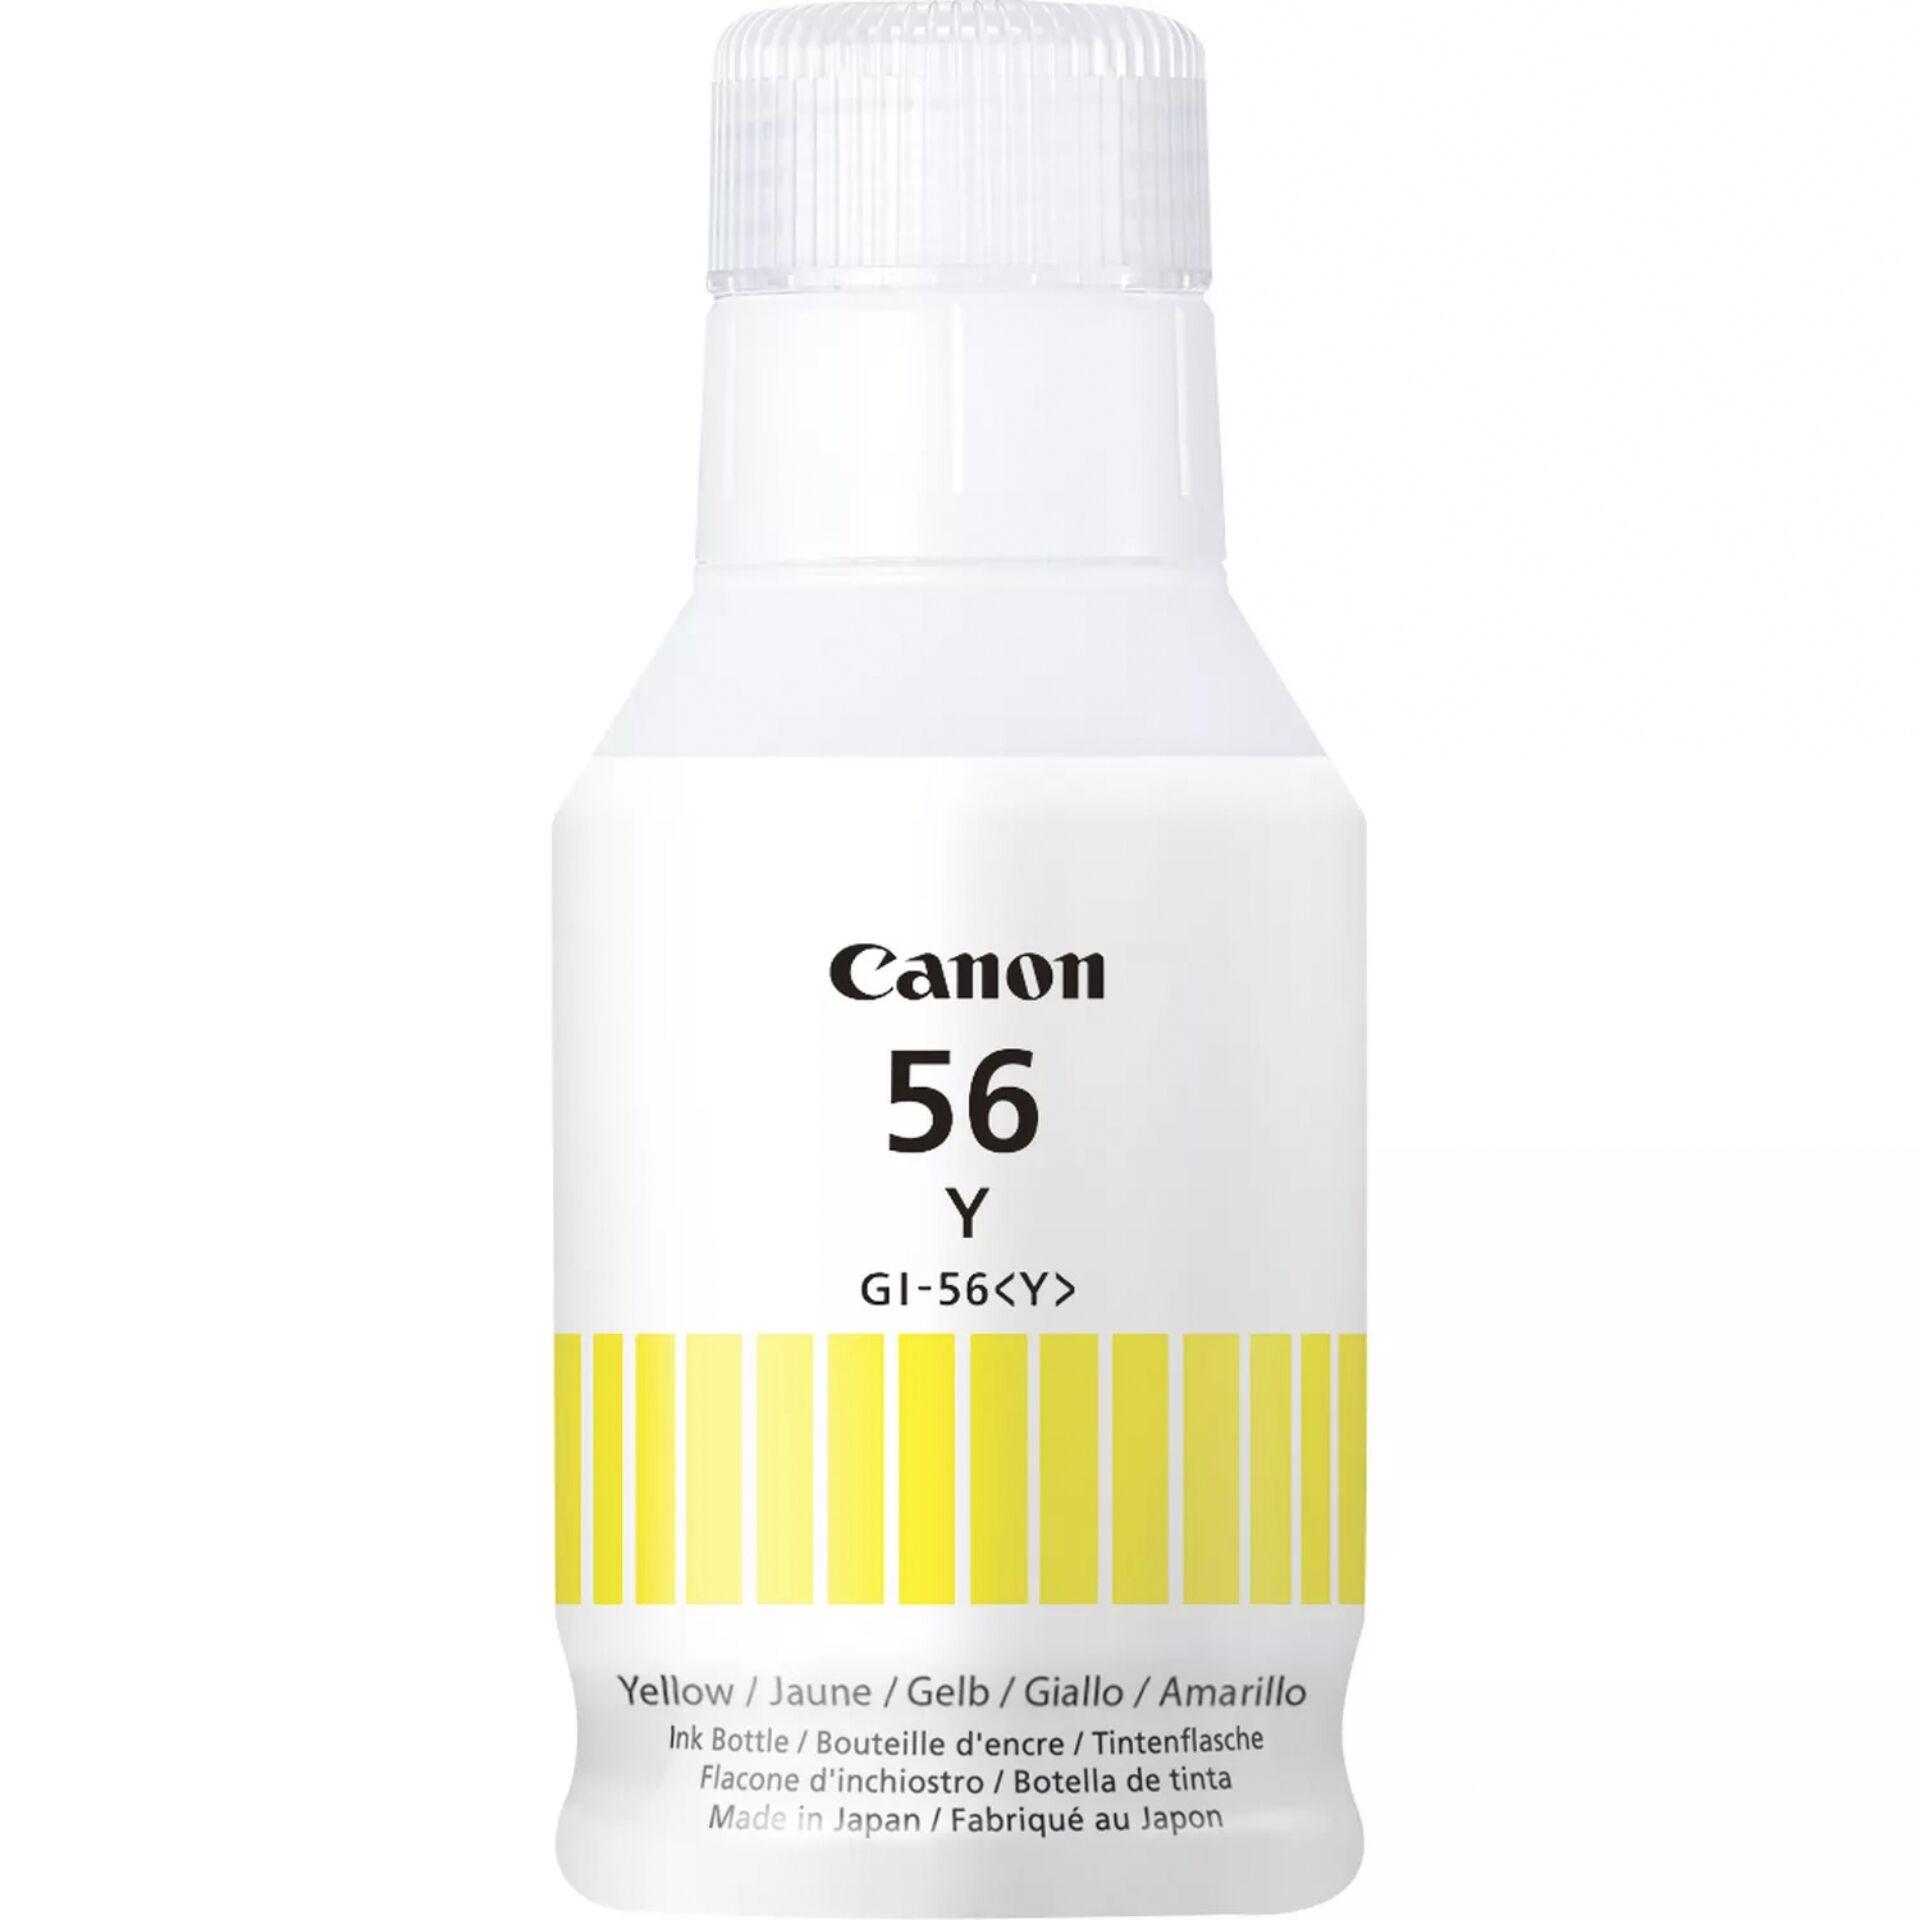 Canon GI-56 Y yellow